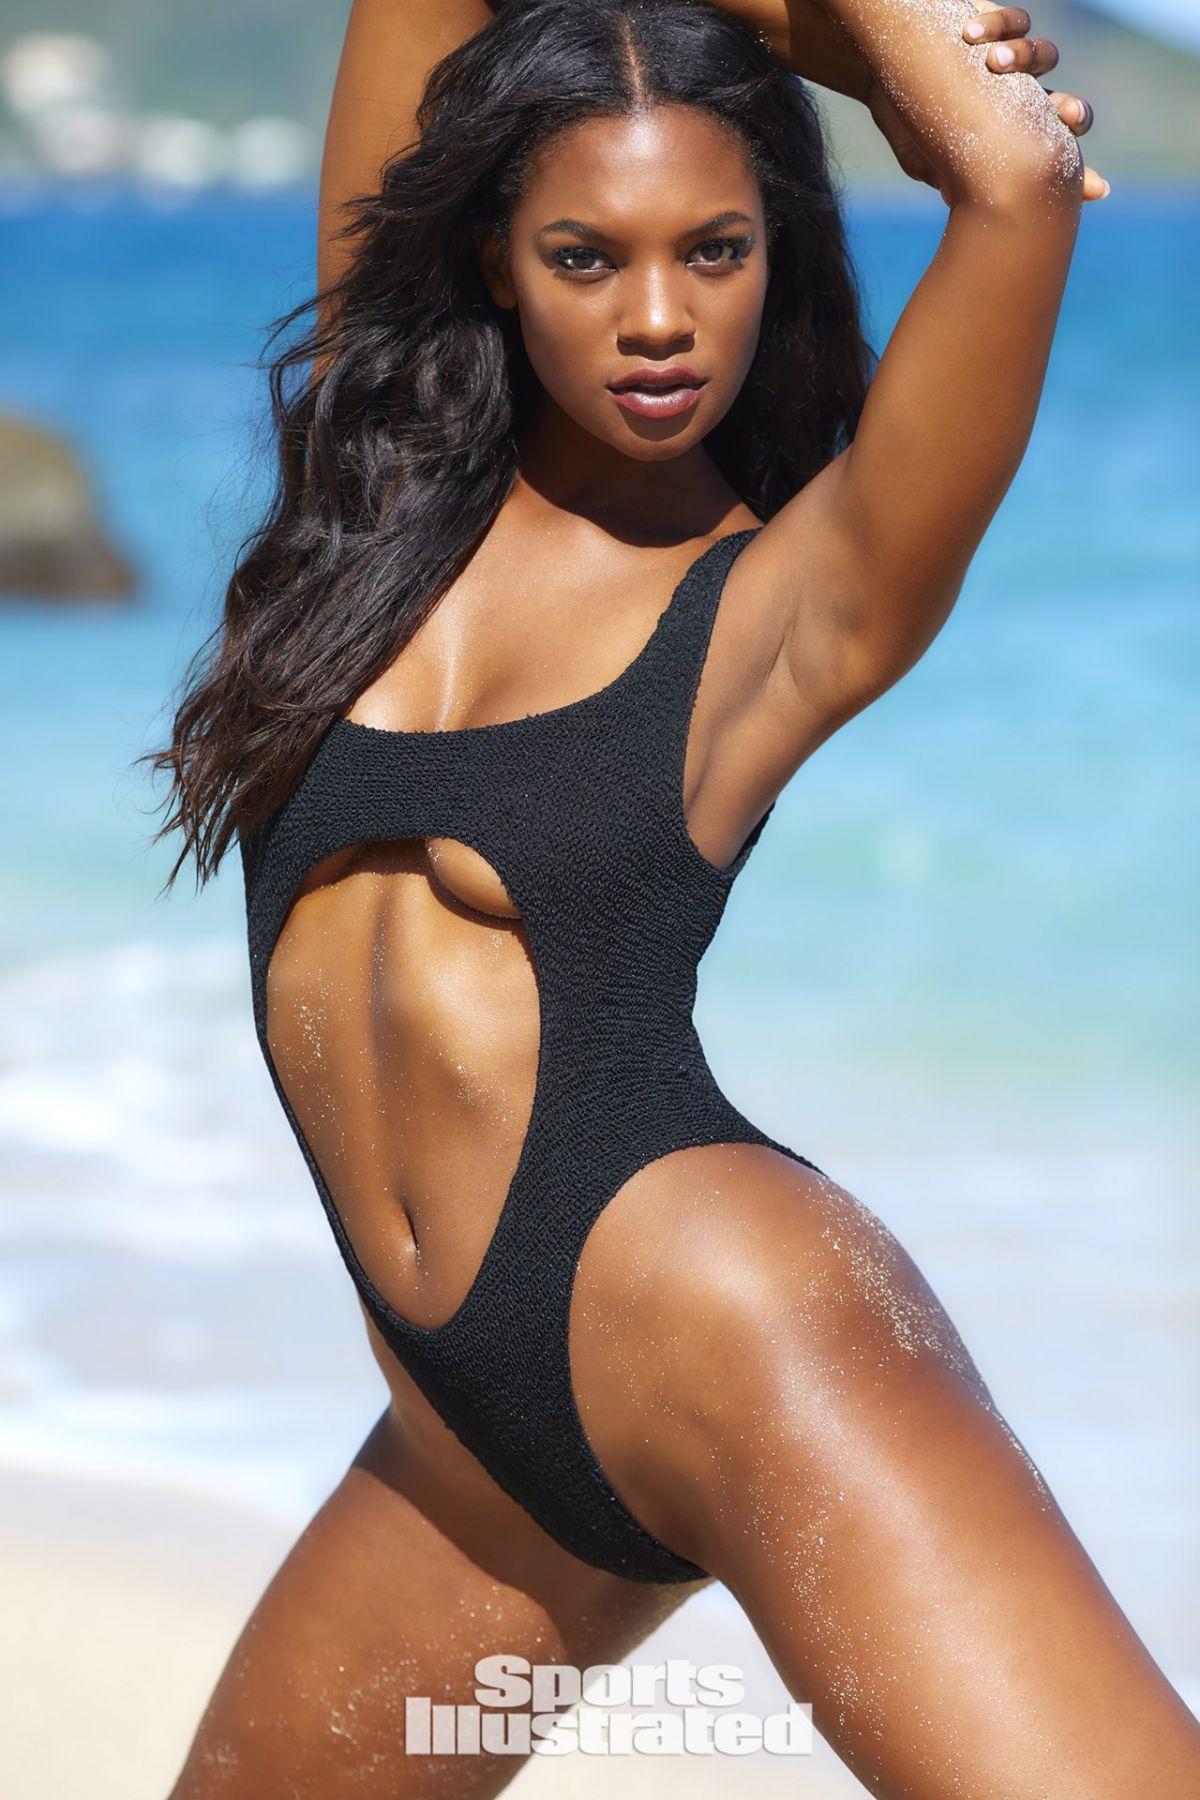 Jasmyn Wilkins In Sports Illustrated Swimsuit 2018 Issue Hawtcelebs